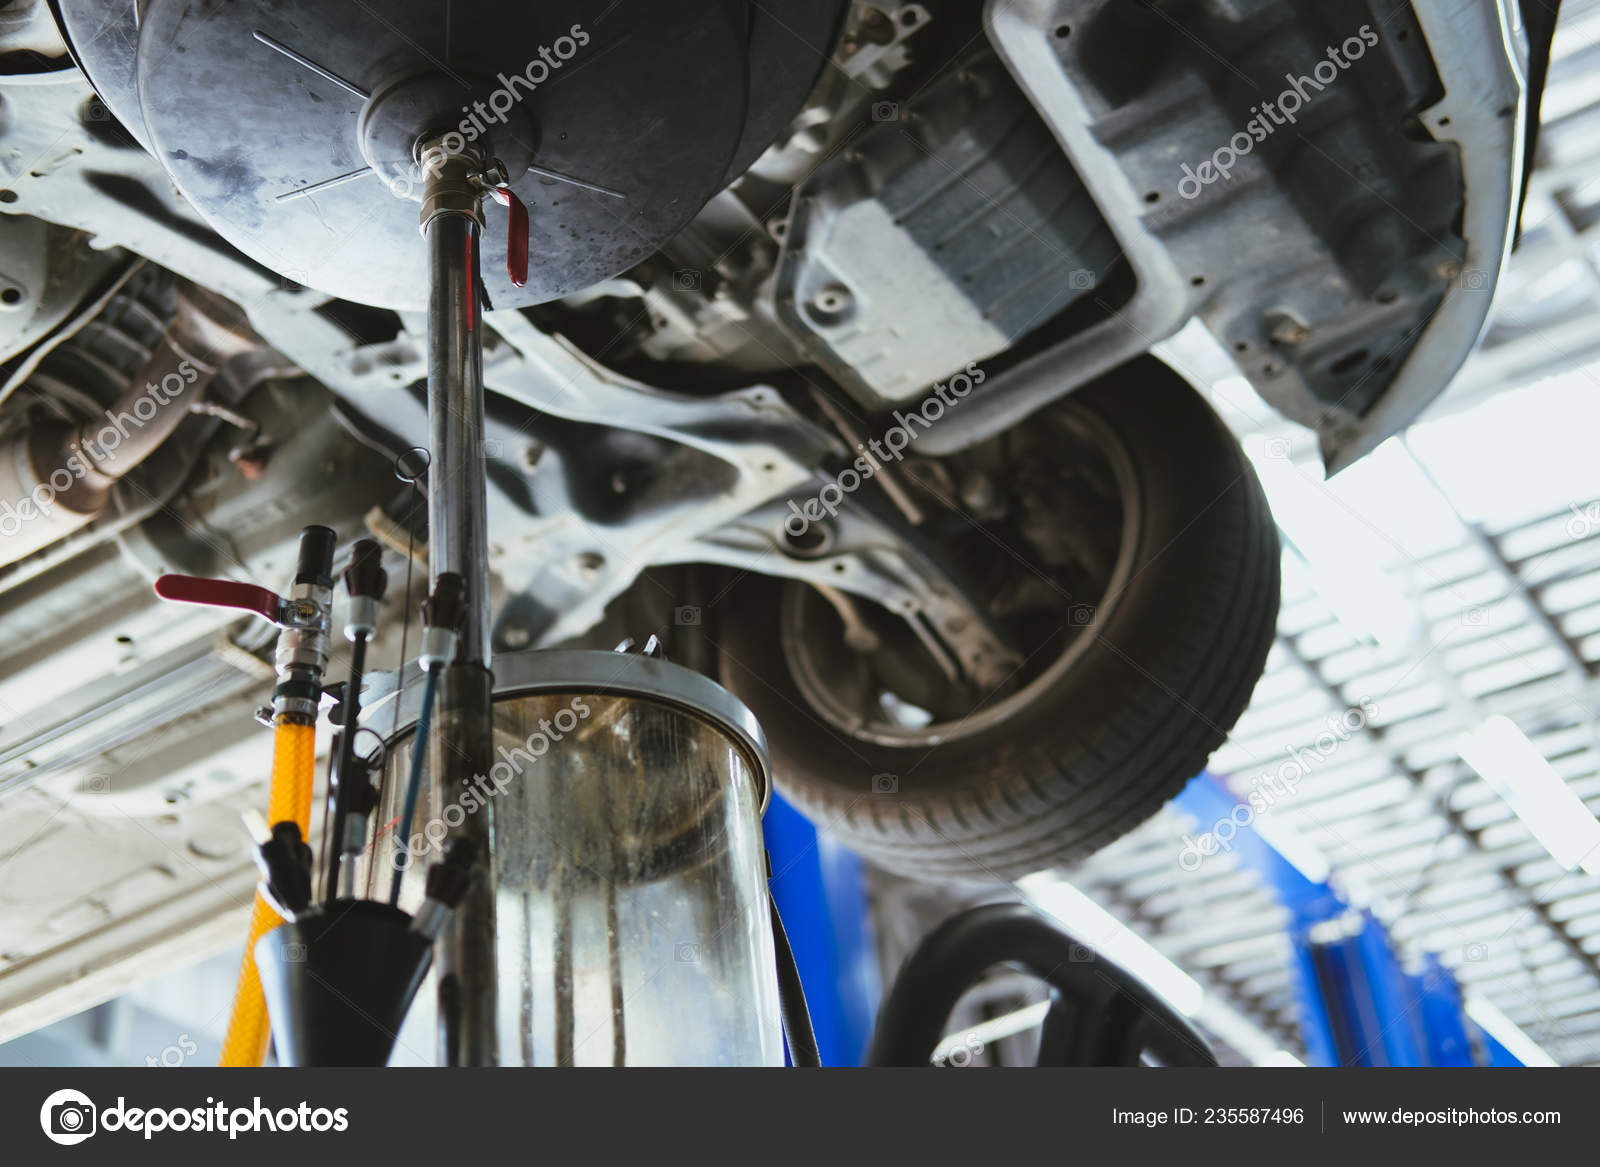 Changement D Huile >> Vehicule Soulever Par Hydraulique Pour Inspection Changement